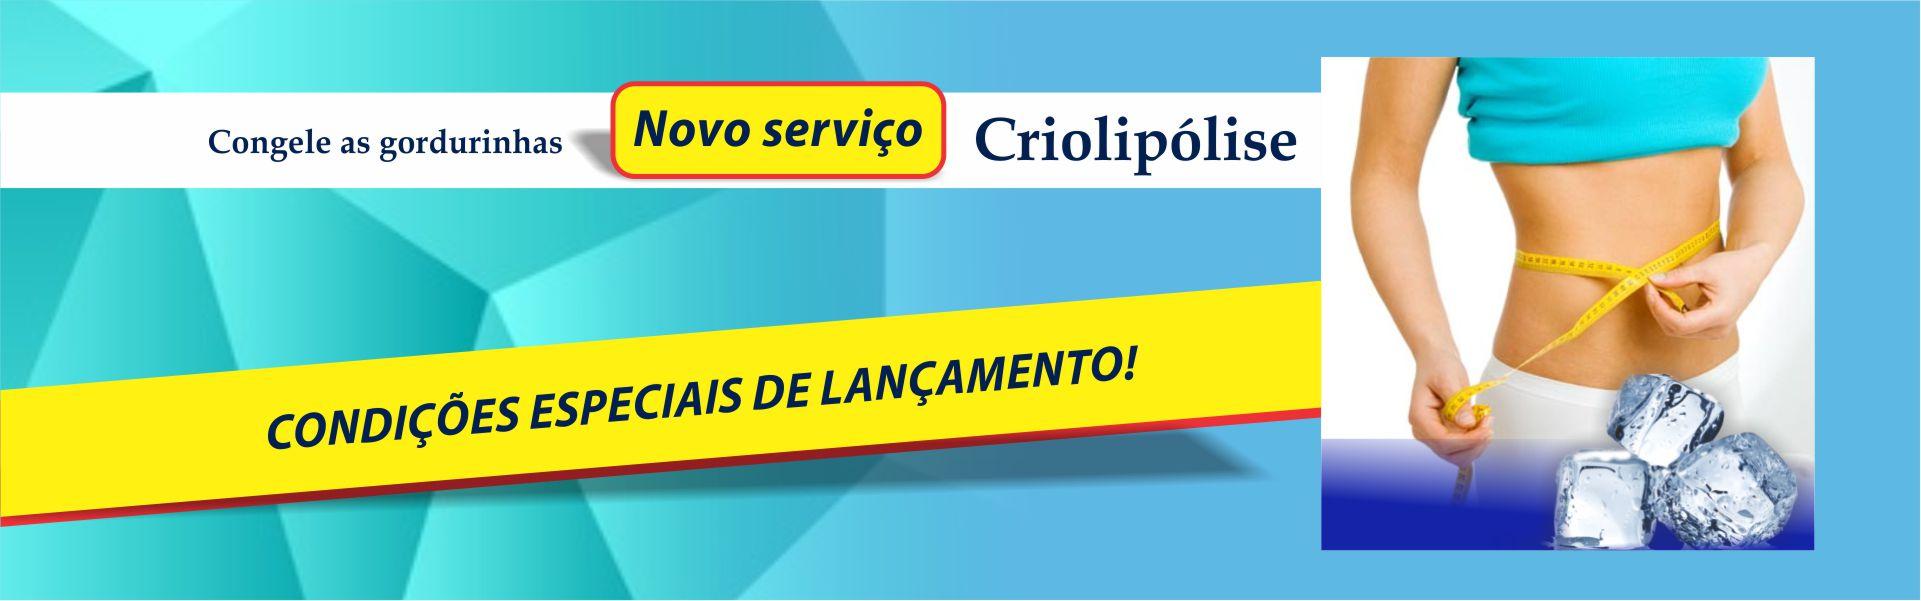 banner_criolipólise_lançamento_